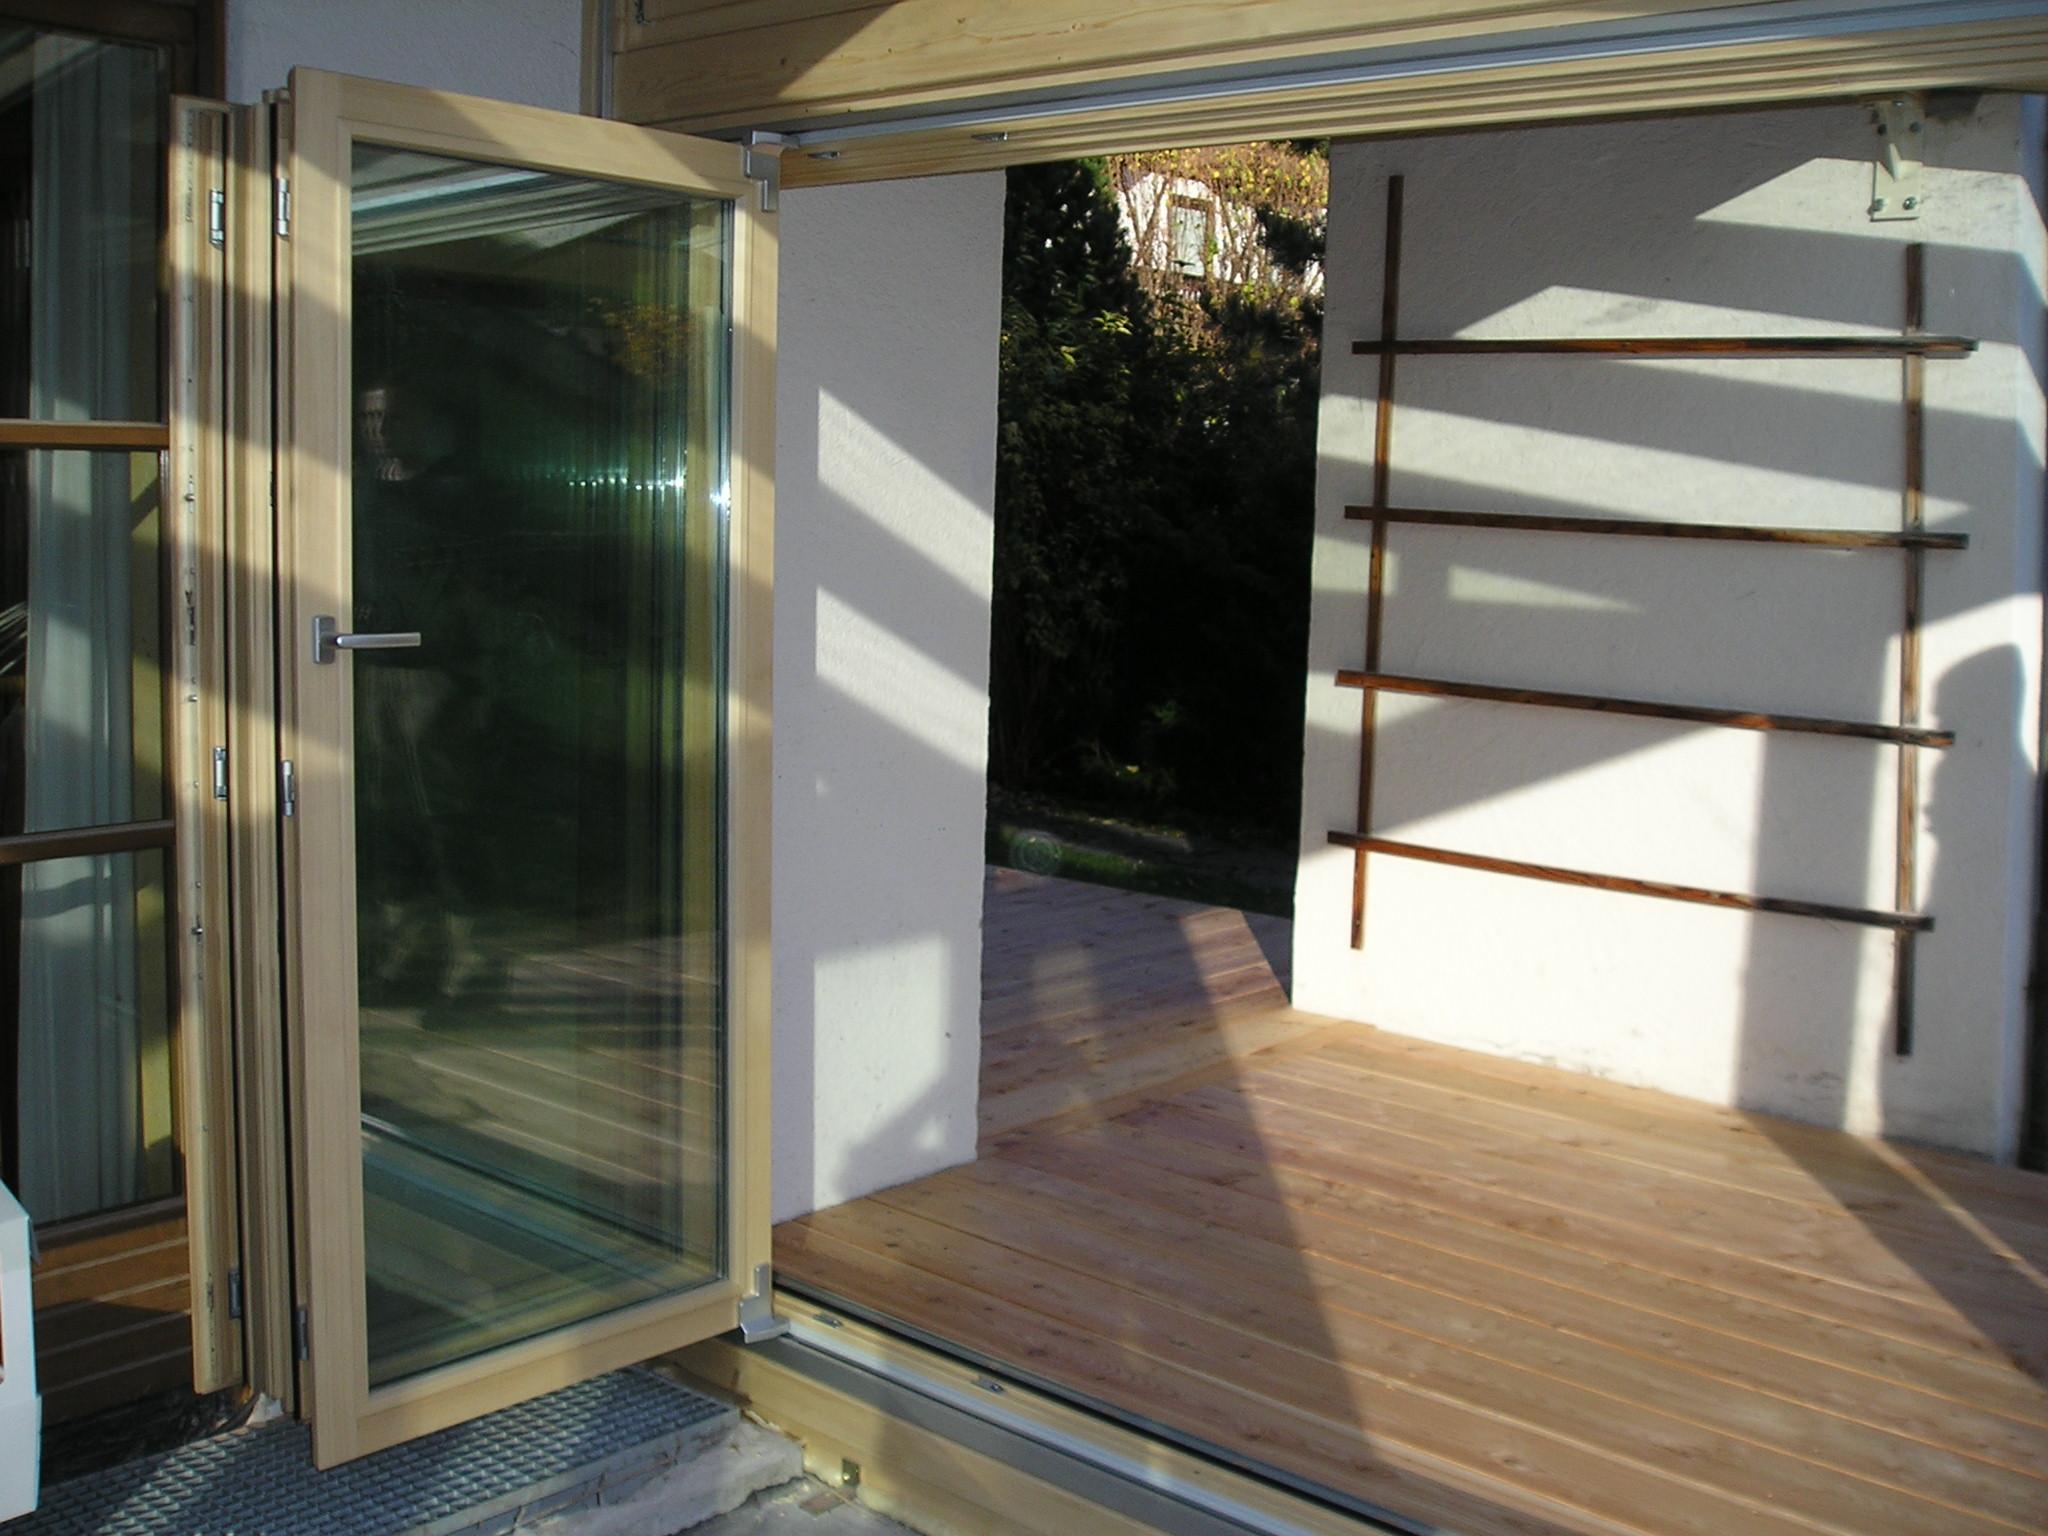 wintergarten romberg schreinerei rollladen 86975 bernbeuren. Black Bedroom Furniture Sets. Home Design Ideas